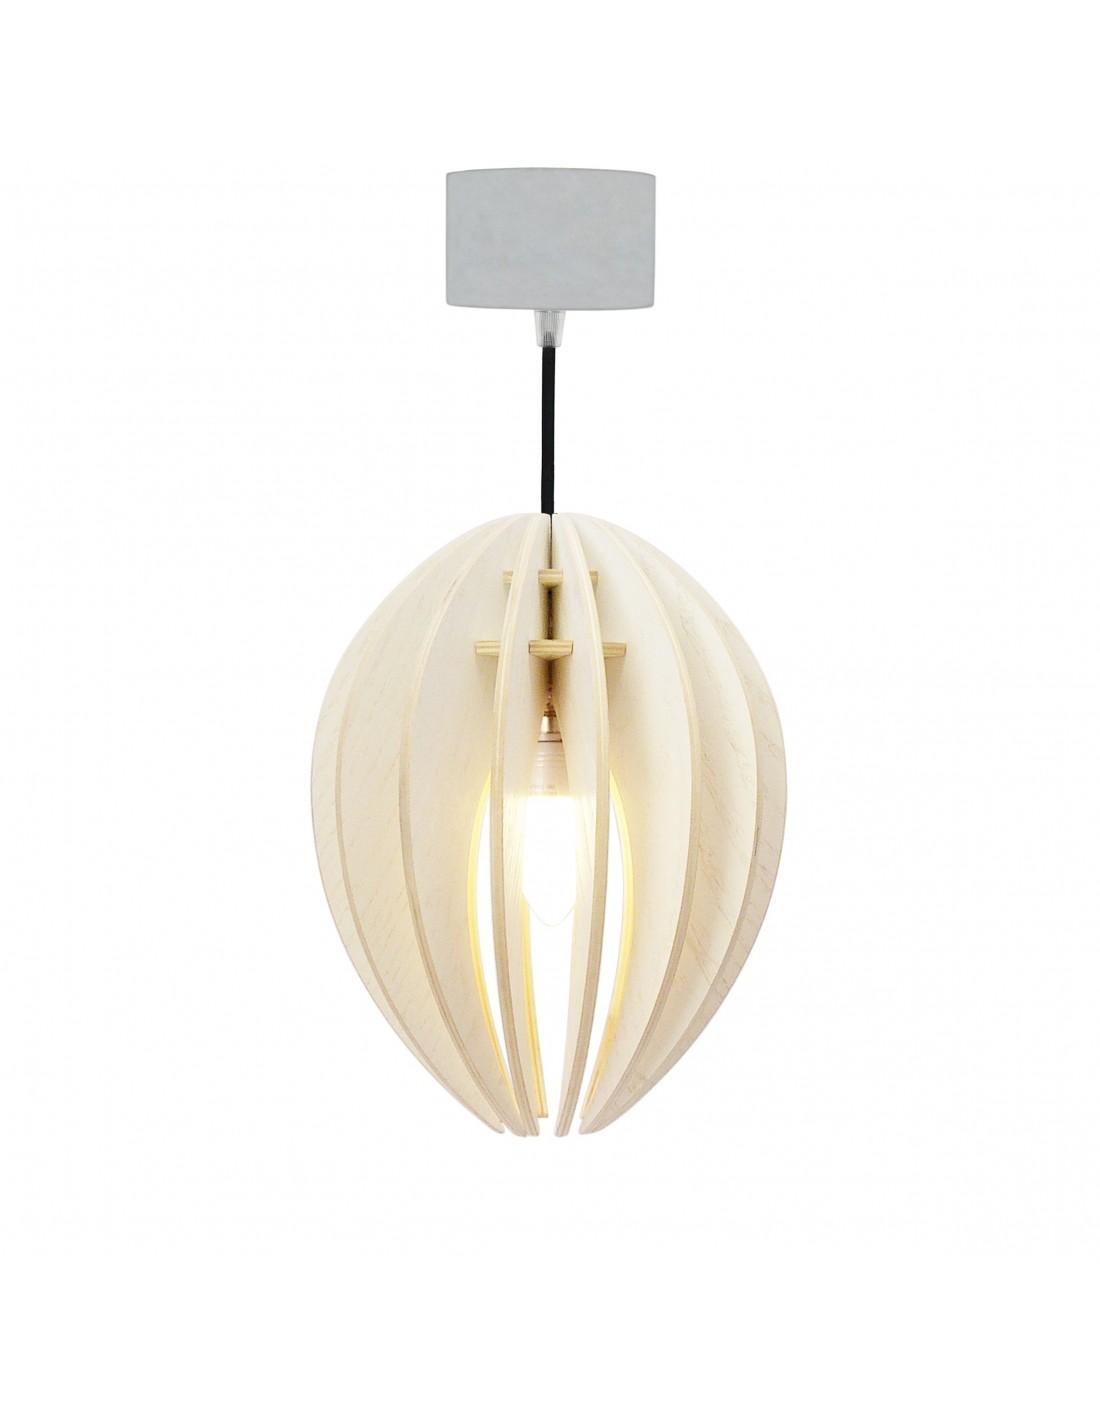 Lampe suspension bois et béton frêne teinté blanc cordon noir